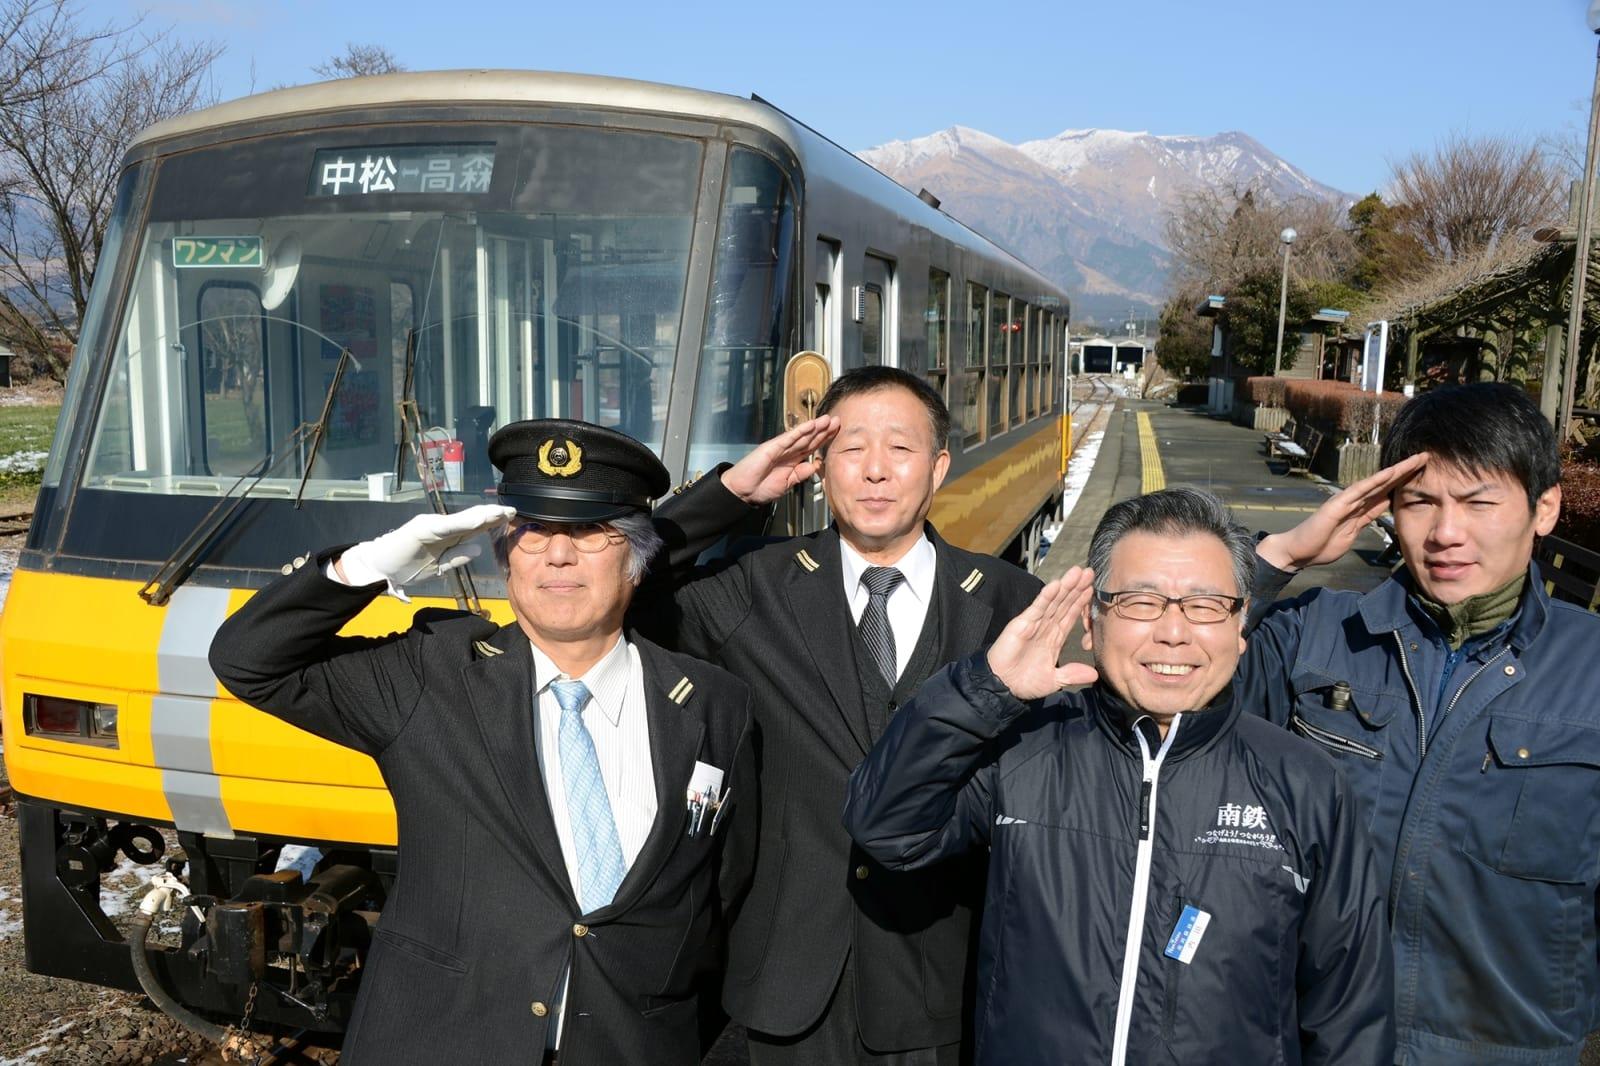 熊本地震からの全線復旧を目指す南阿蘇鉄道の職員